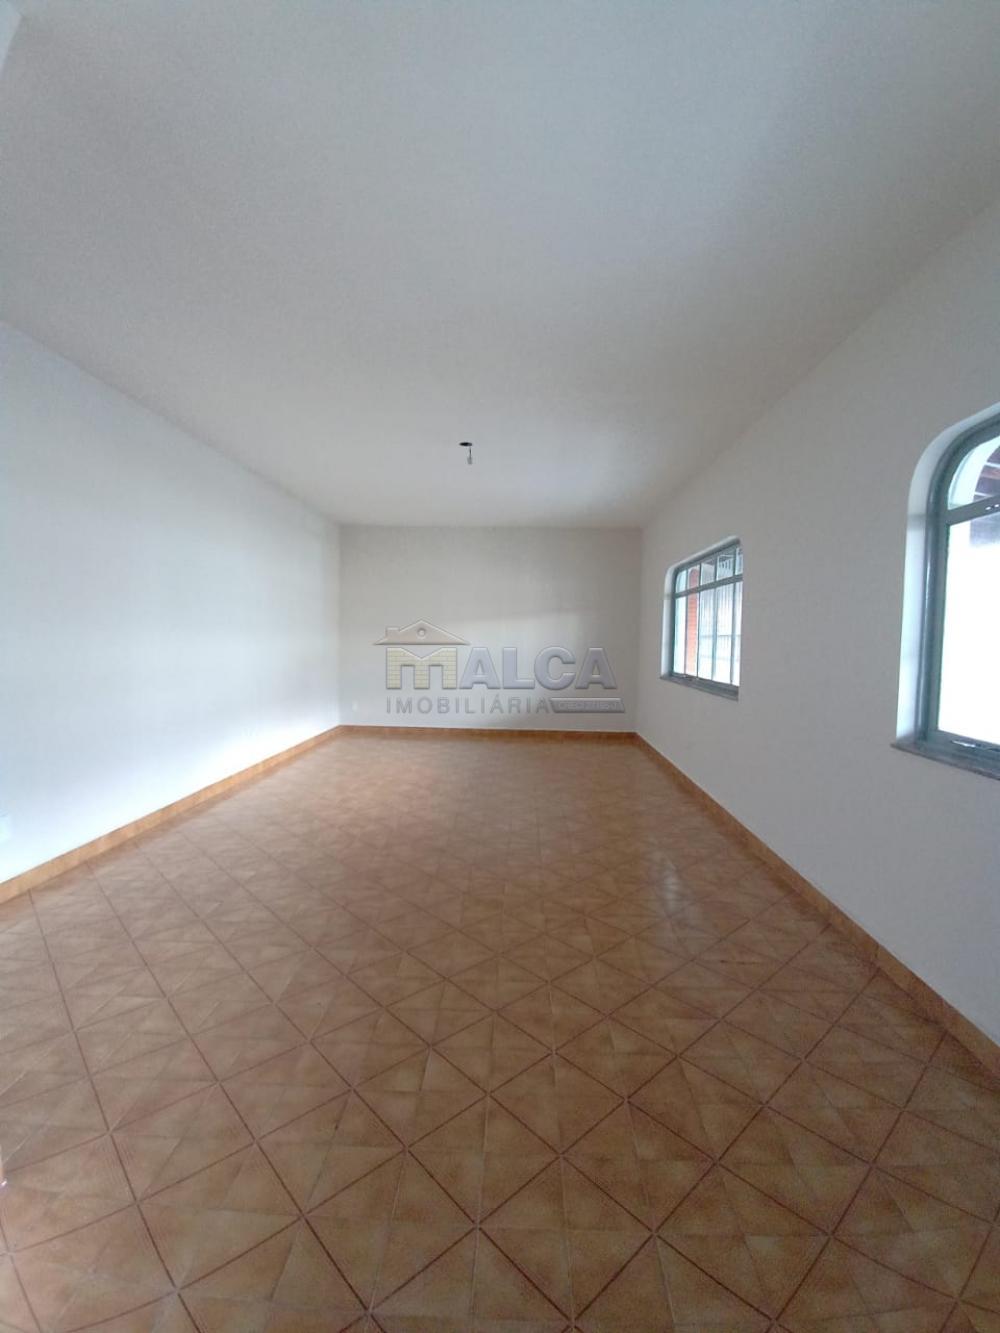 Alugar Casas / Padrão em São José do Rio Pardo apenas R$ 2.500,00 - Foto 6